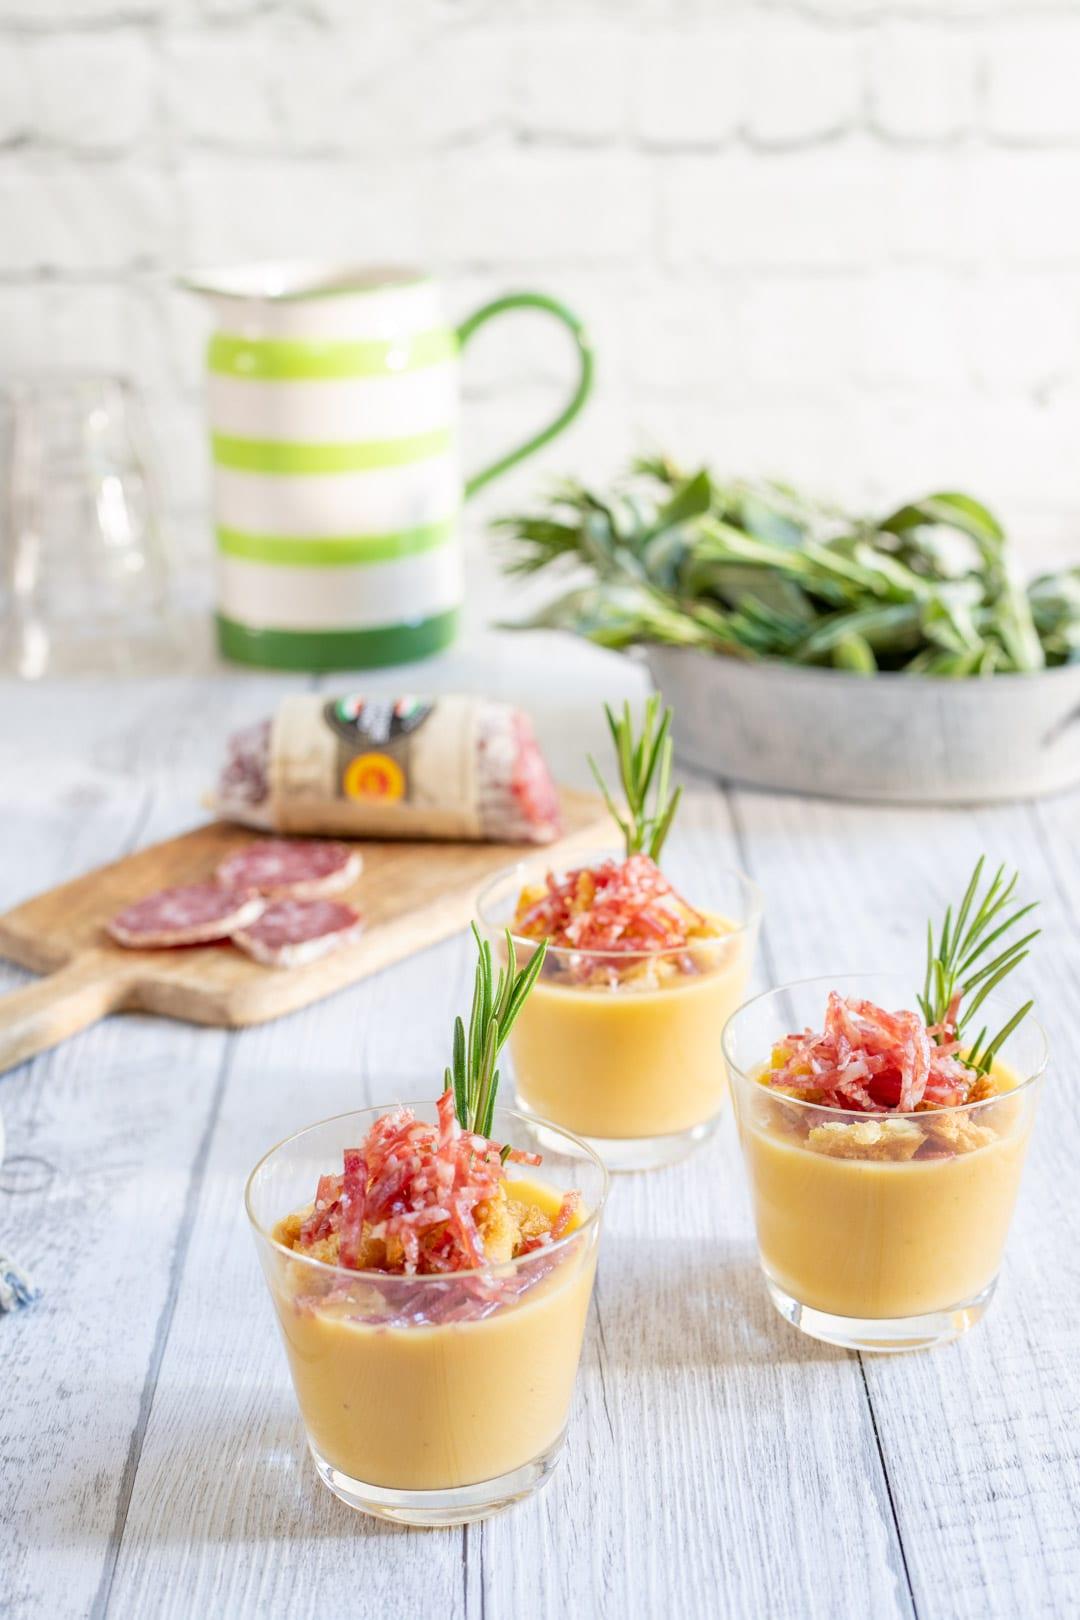 Crema di cannellini con crumble di pane e briciole di salame pronta per l'assaggio